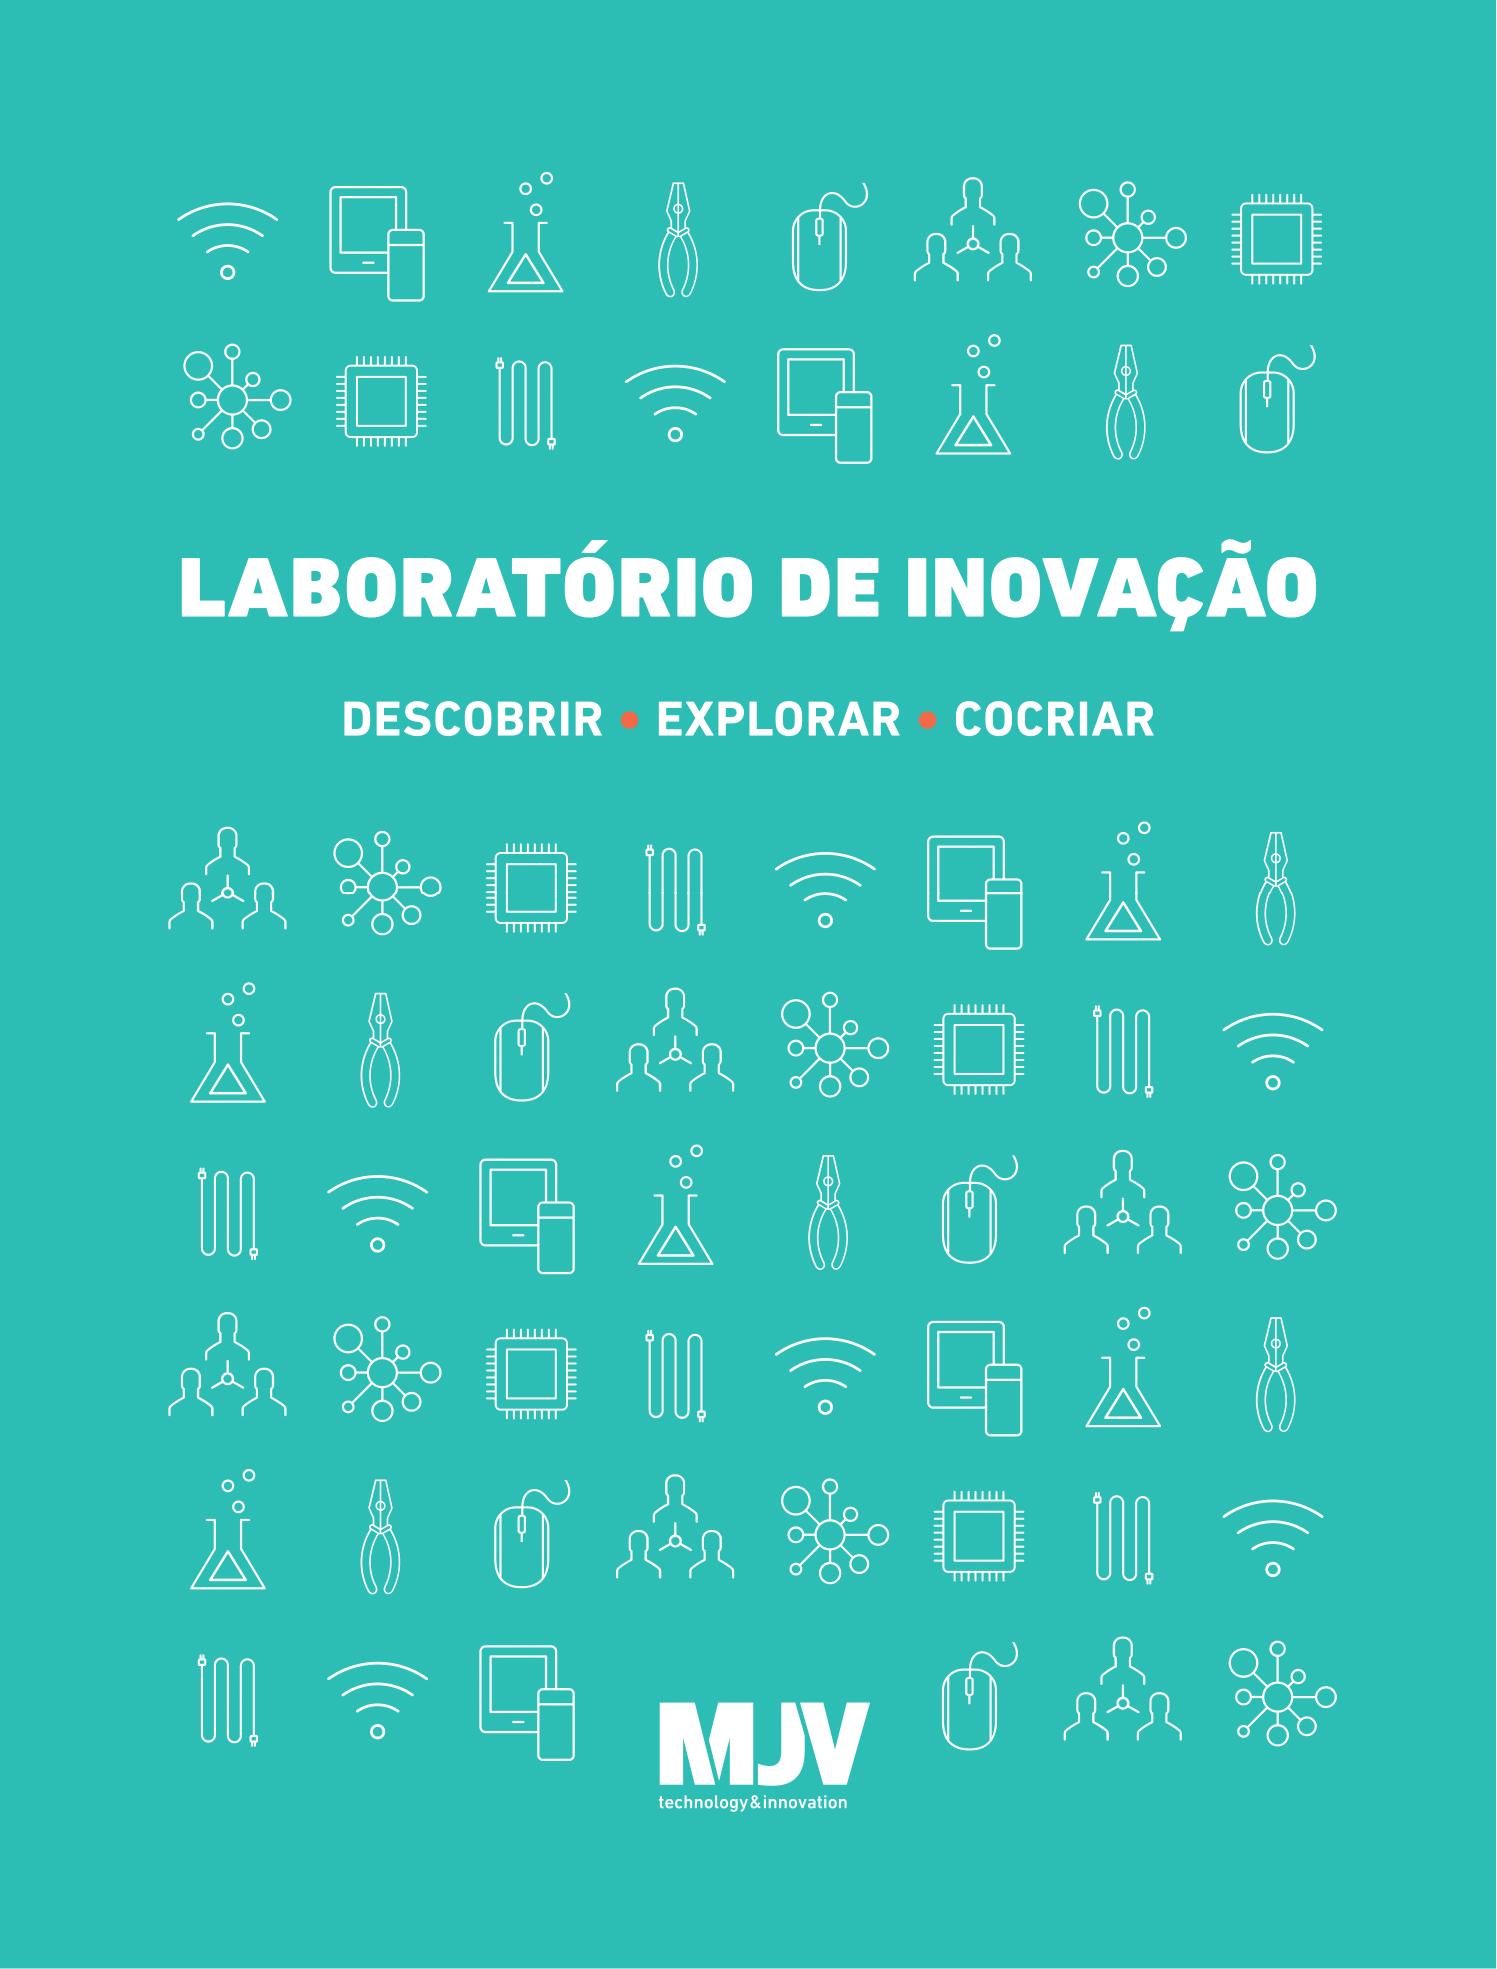 E-book-Laboratorio-de-Inovacao-01